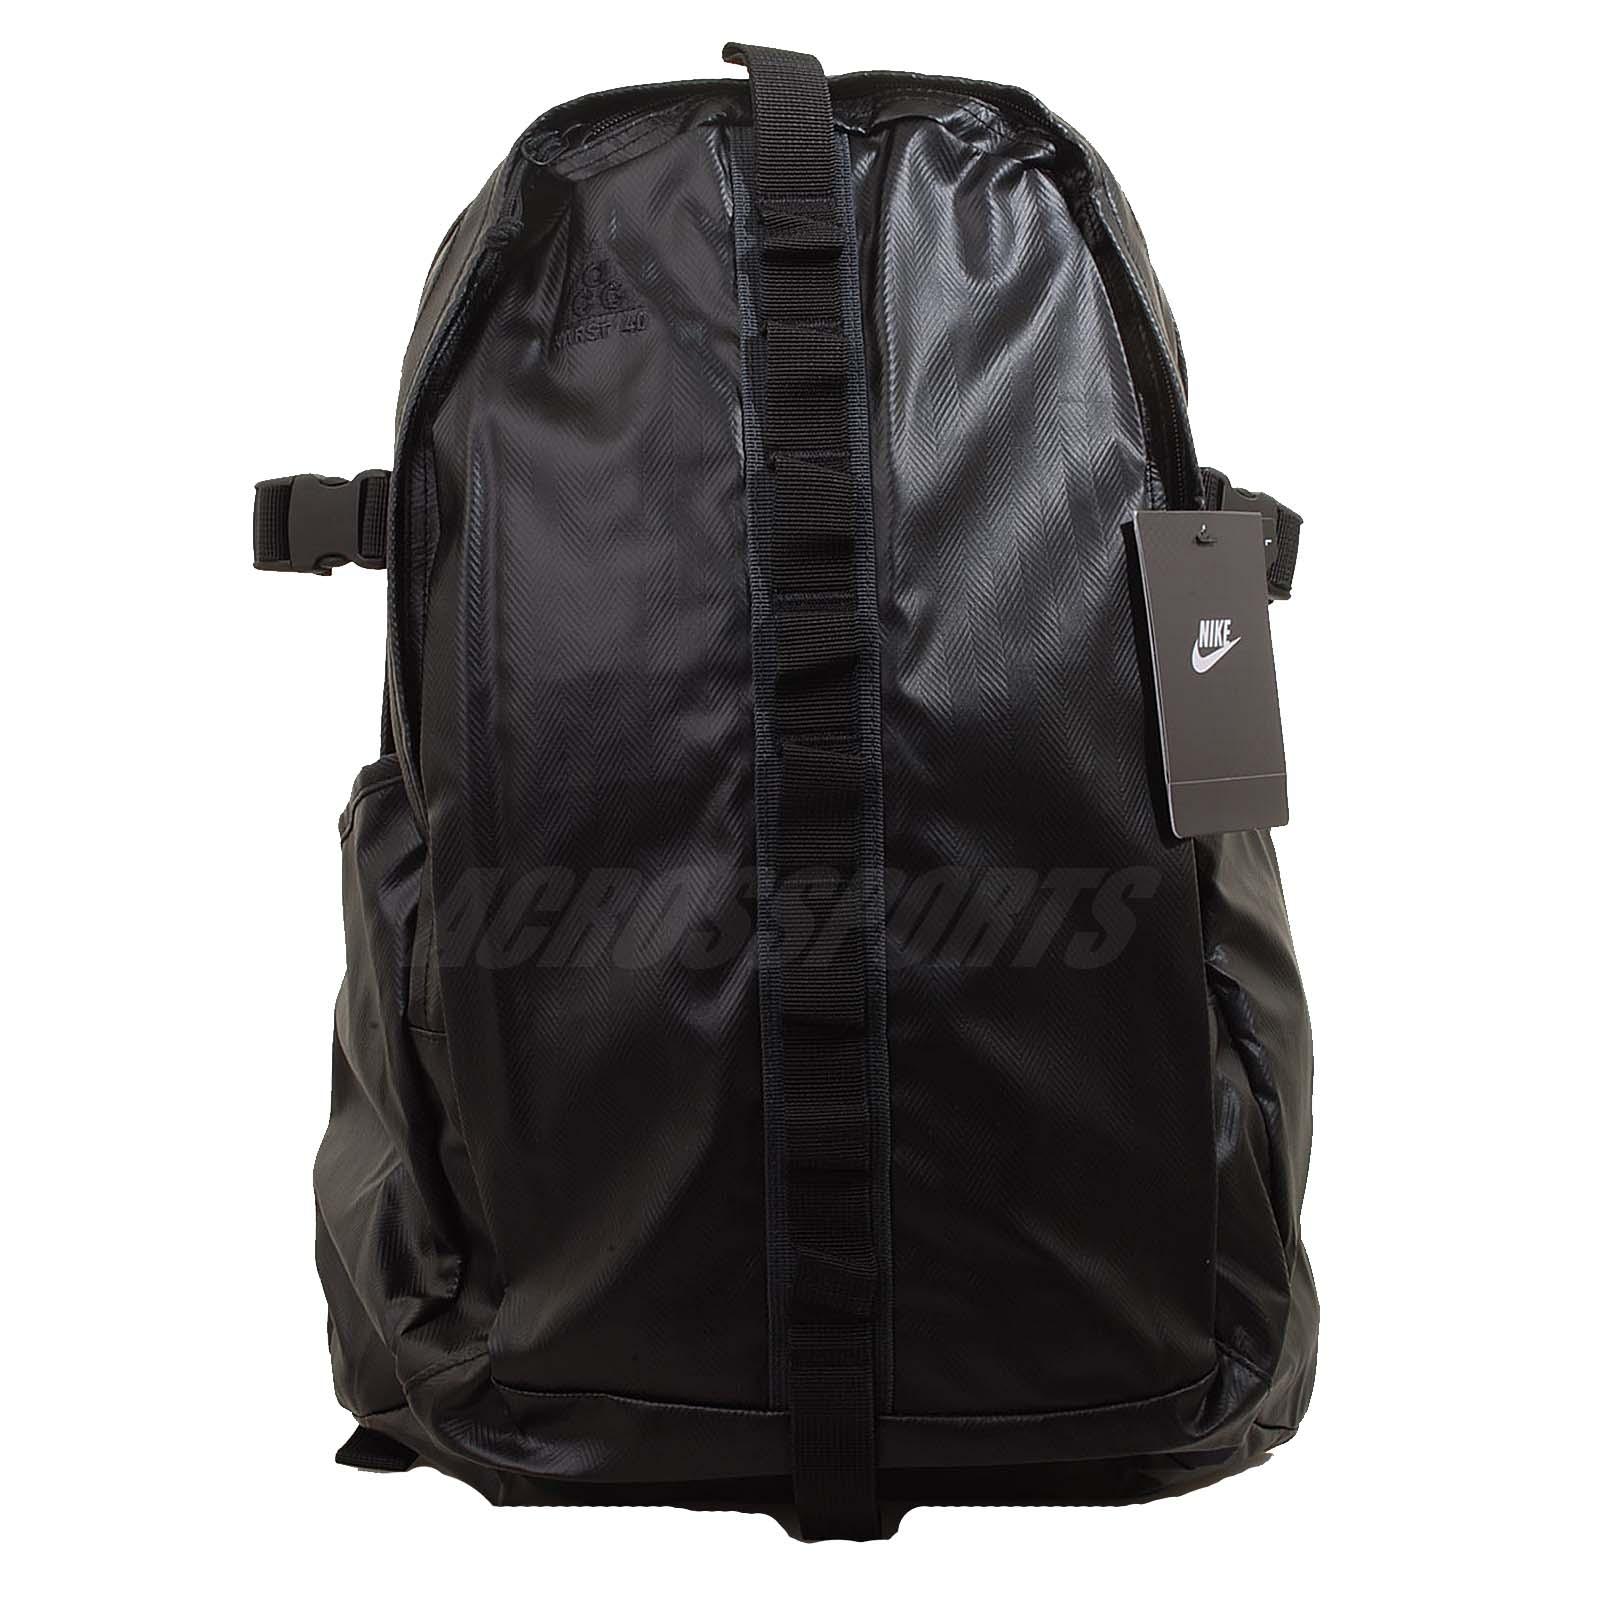 Nike ACG Karst 40 Backpack Black Mens Outdoors Bag BA4579 006 | eBay